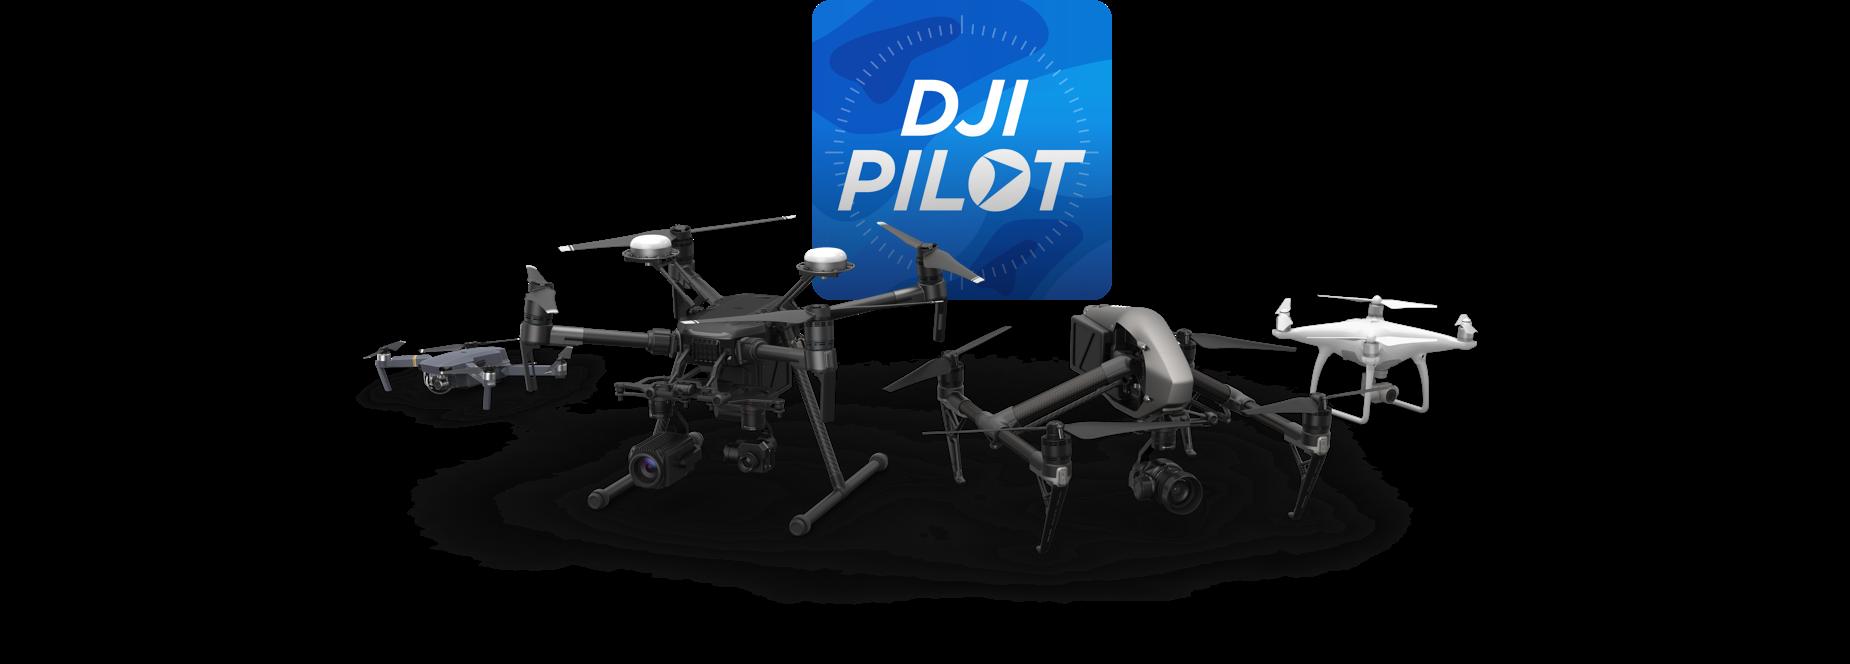 DJI Pilot PE